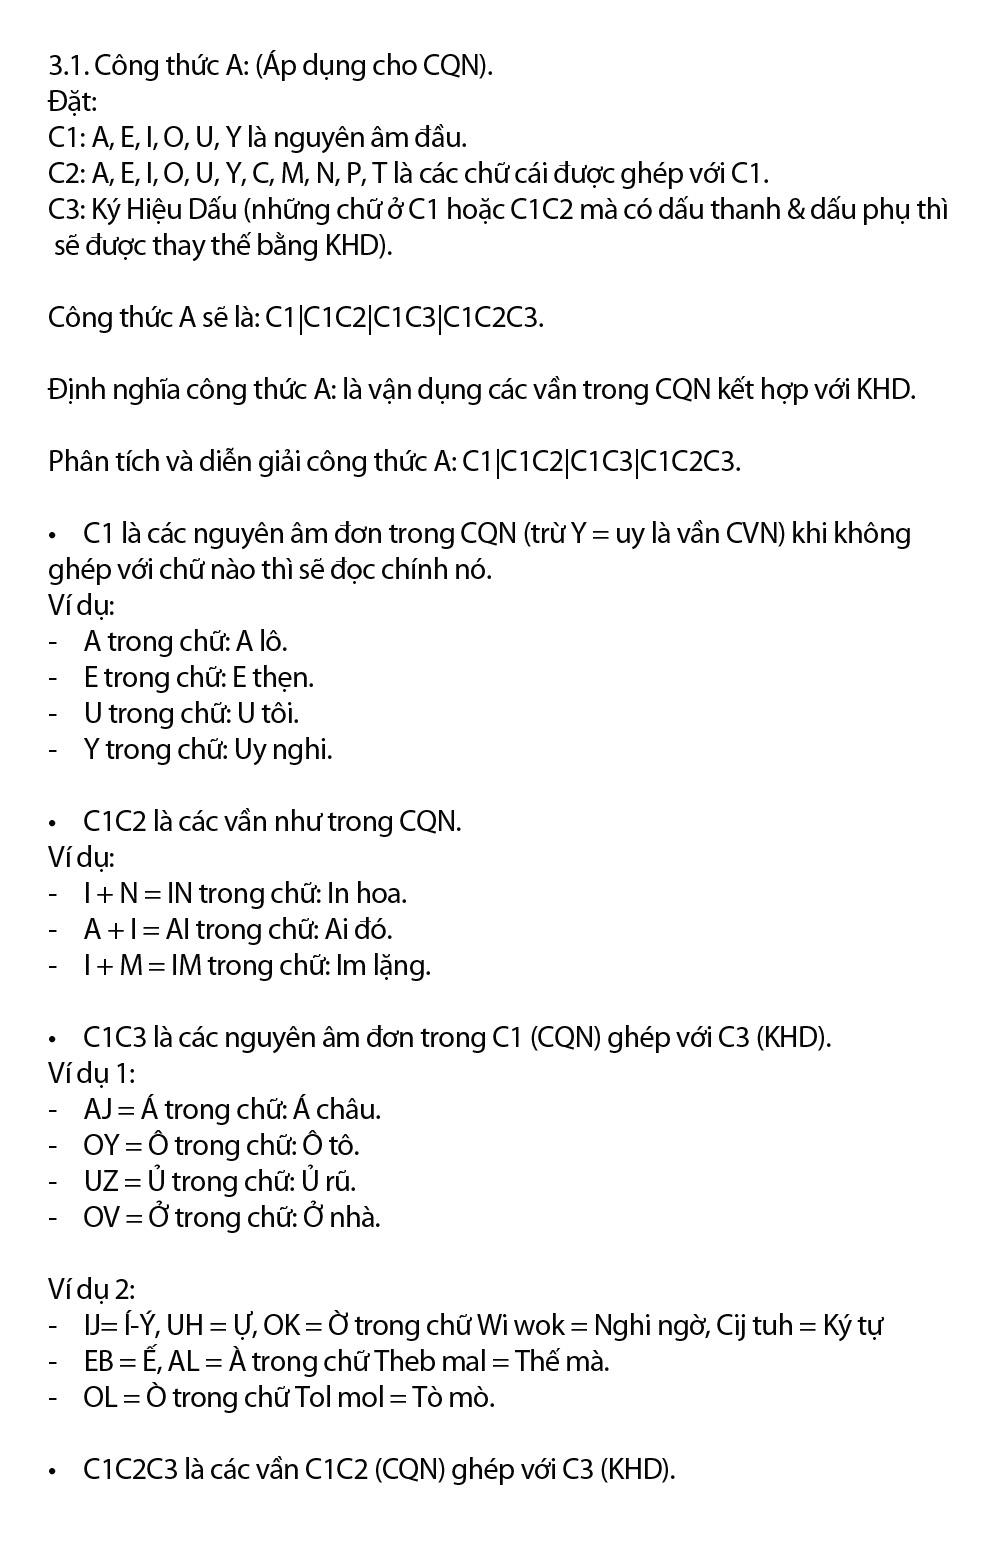 Tiếng Việt không dấu chính thức được cấp bản quyền, tác giả hy vọng chữ mới có thể được đưa vào giảng dạy cho học sinh - Ảnh 9